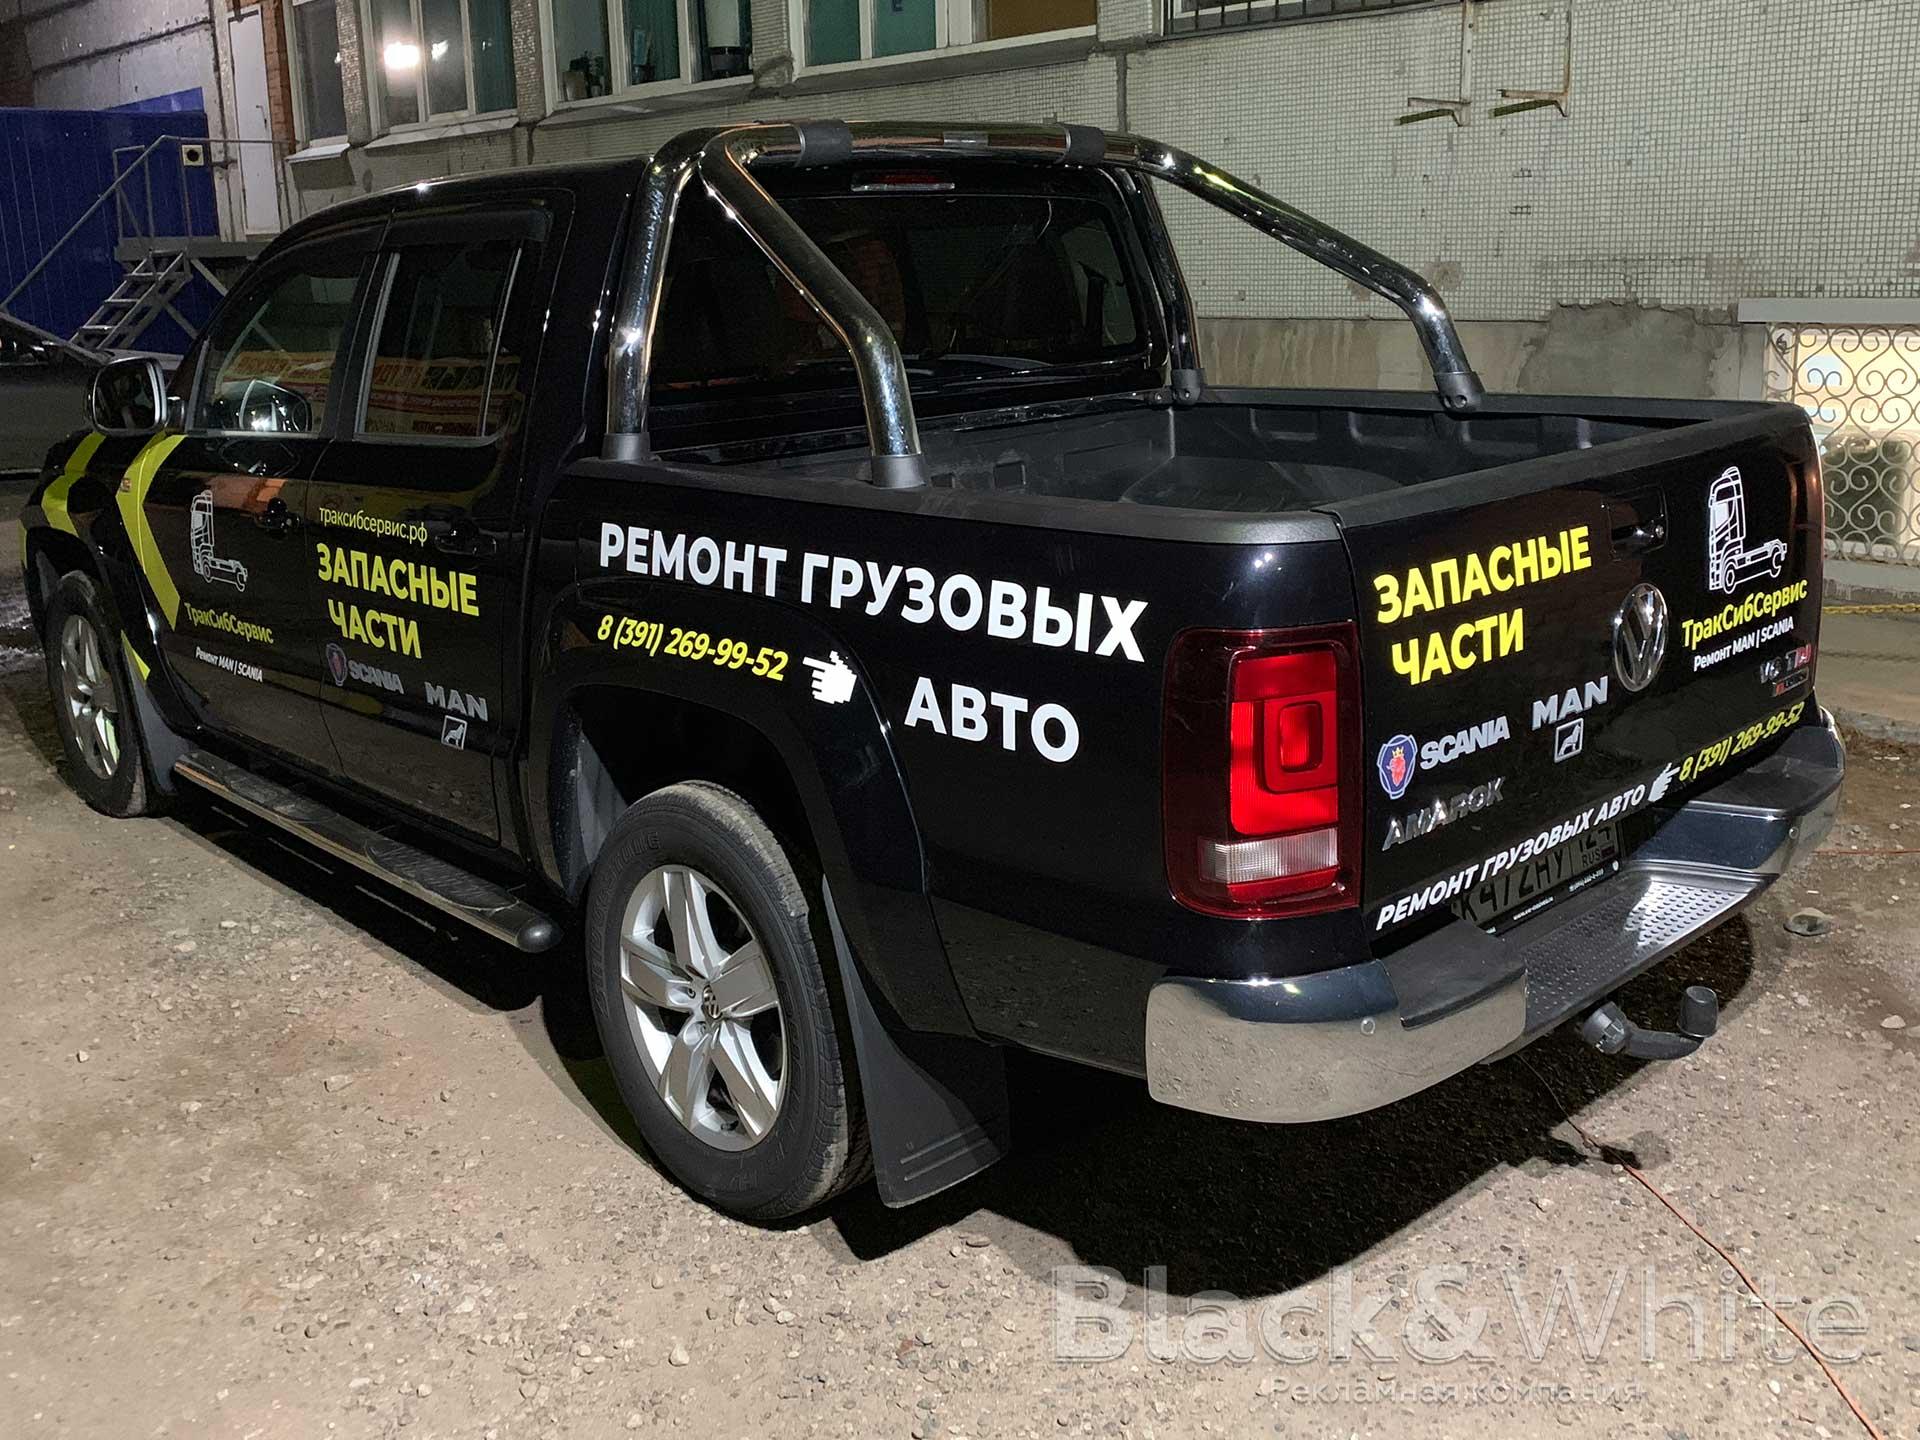 Изготовление-рекламы-на-автомобиль-в-Красноярске-Брендирование-легковых-авто-Black&White--124.jpg